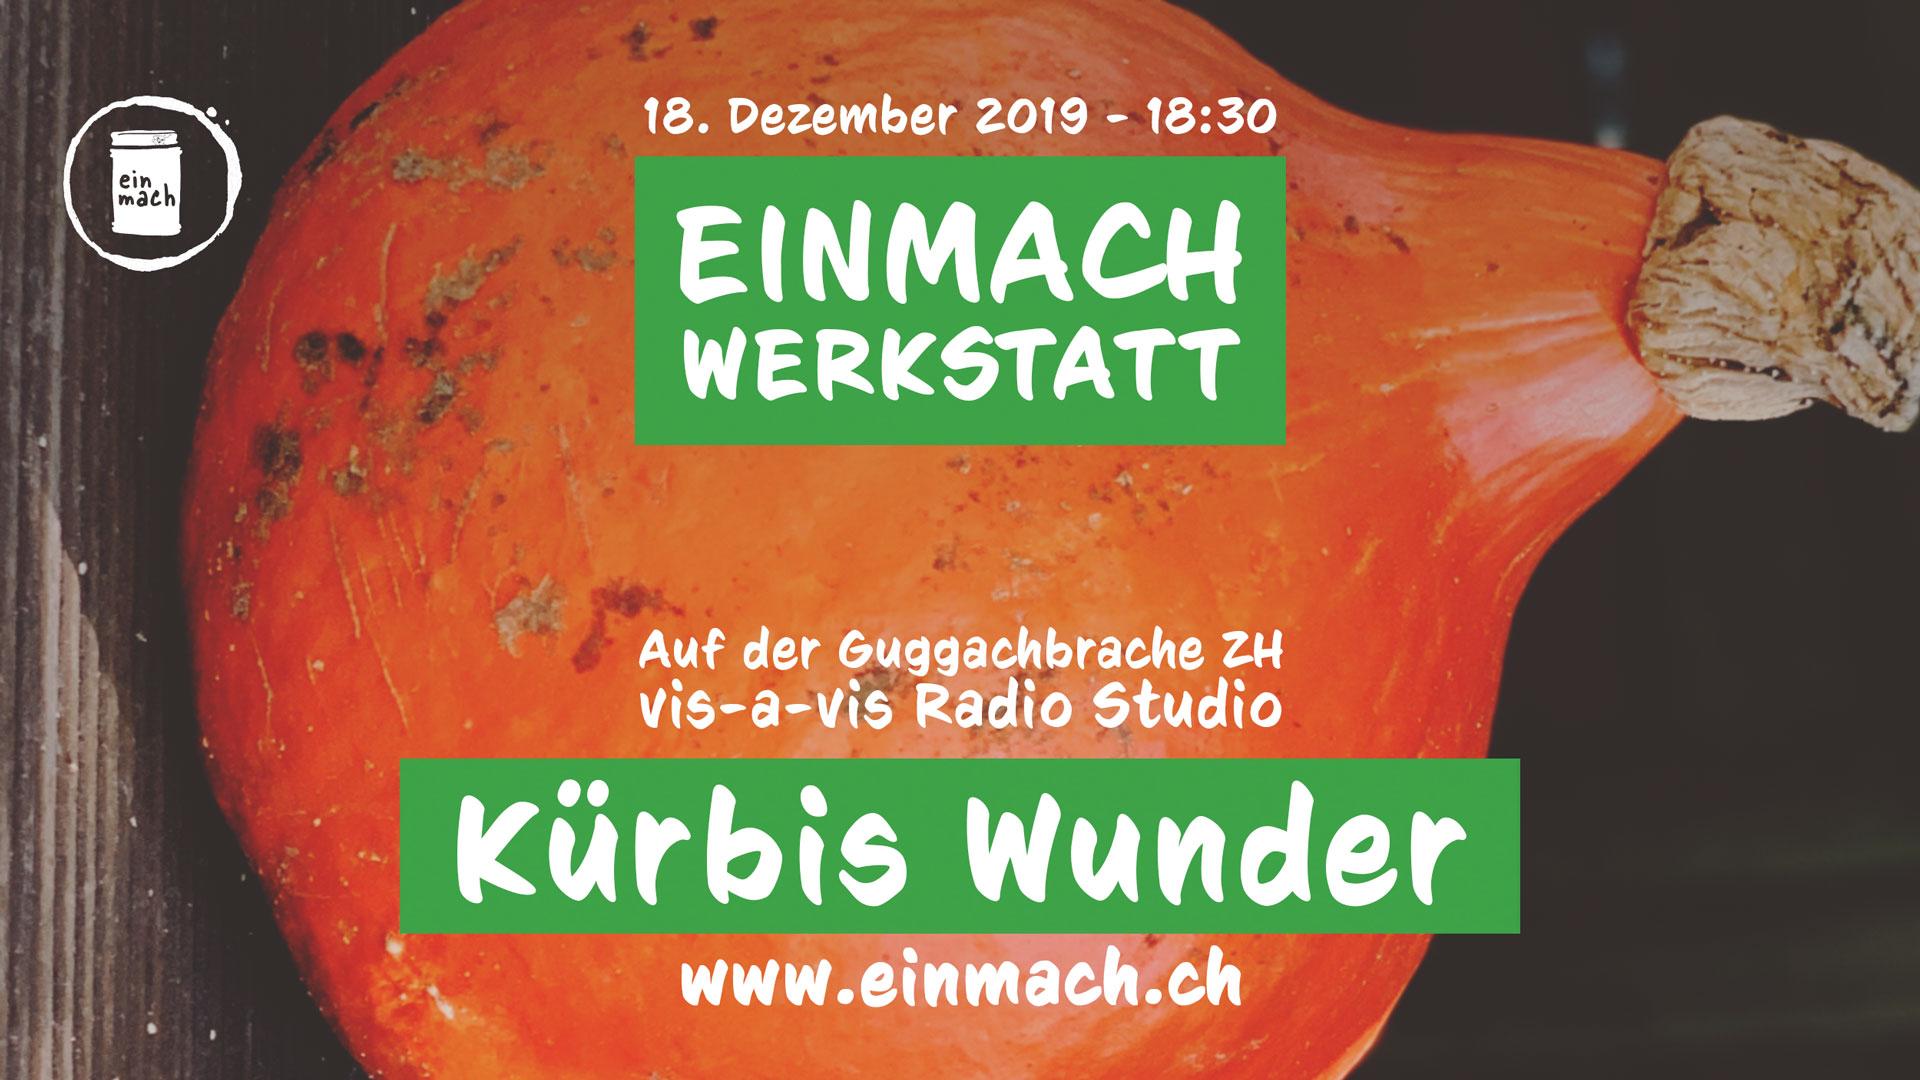 Einmach Werkstatt – 18. Dezember 2019 – Kürbis Wunder